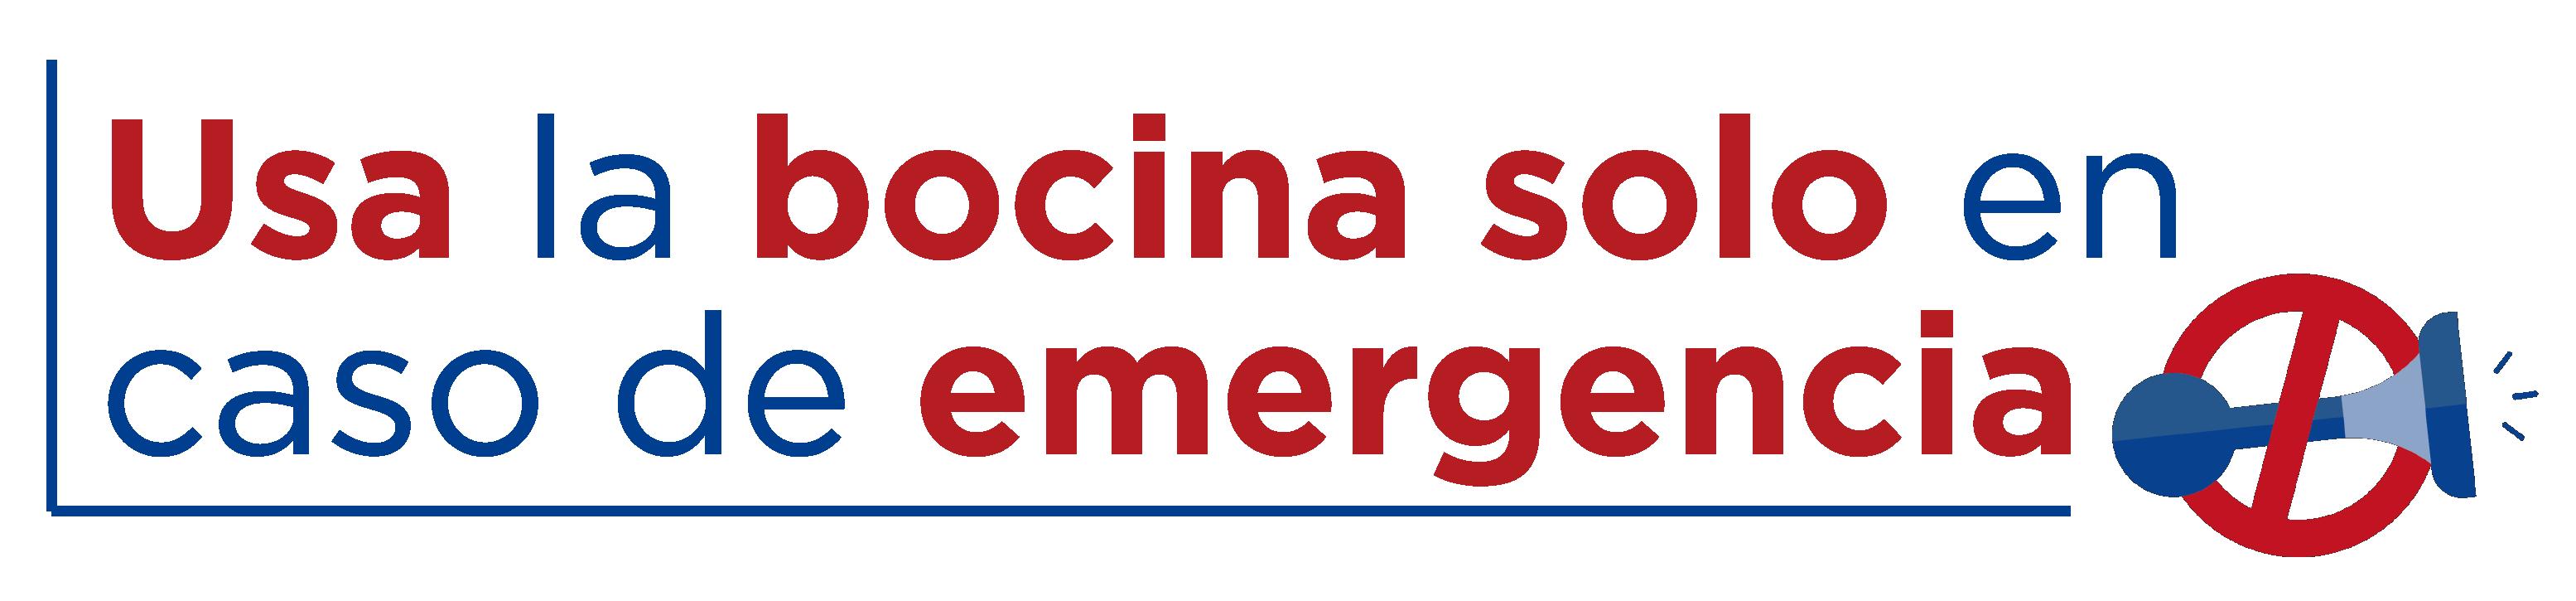 Usa la bocina solo en caso de emergencia